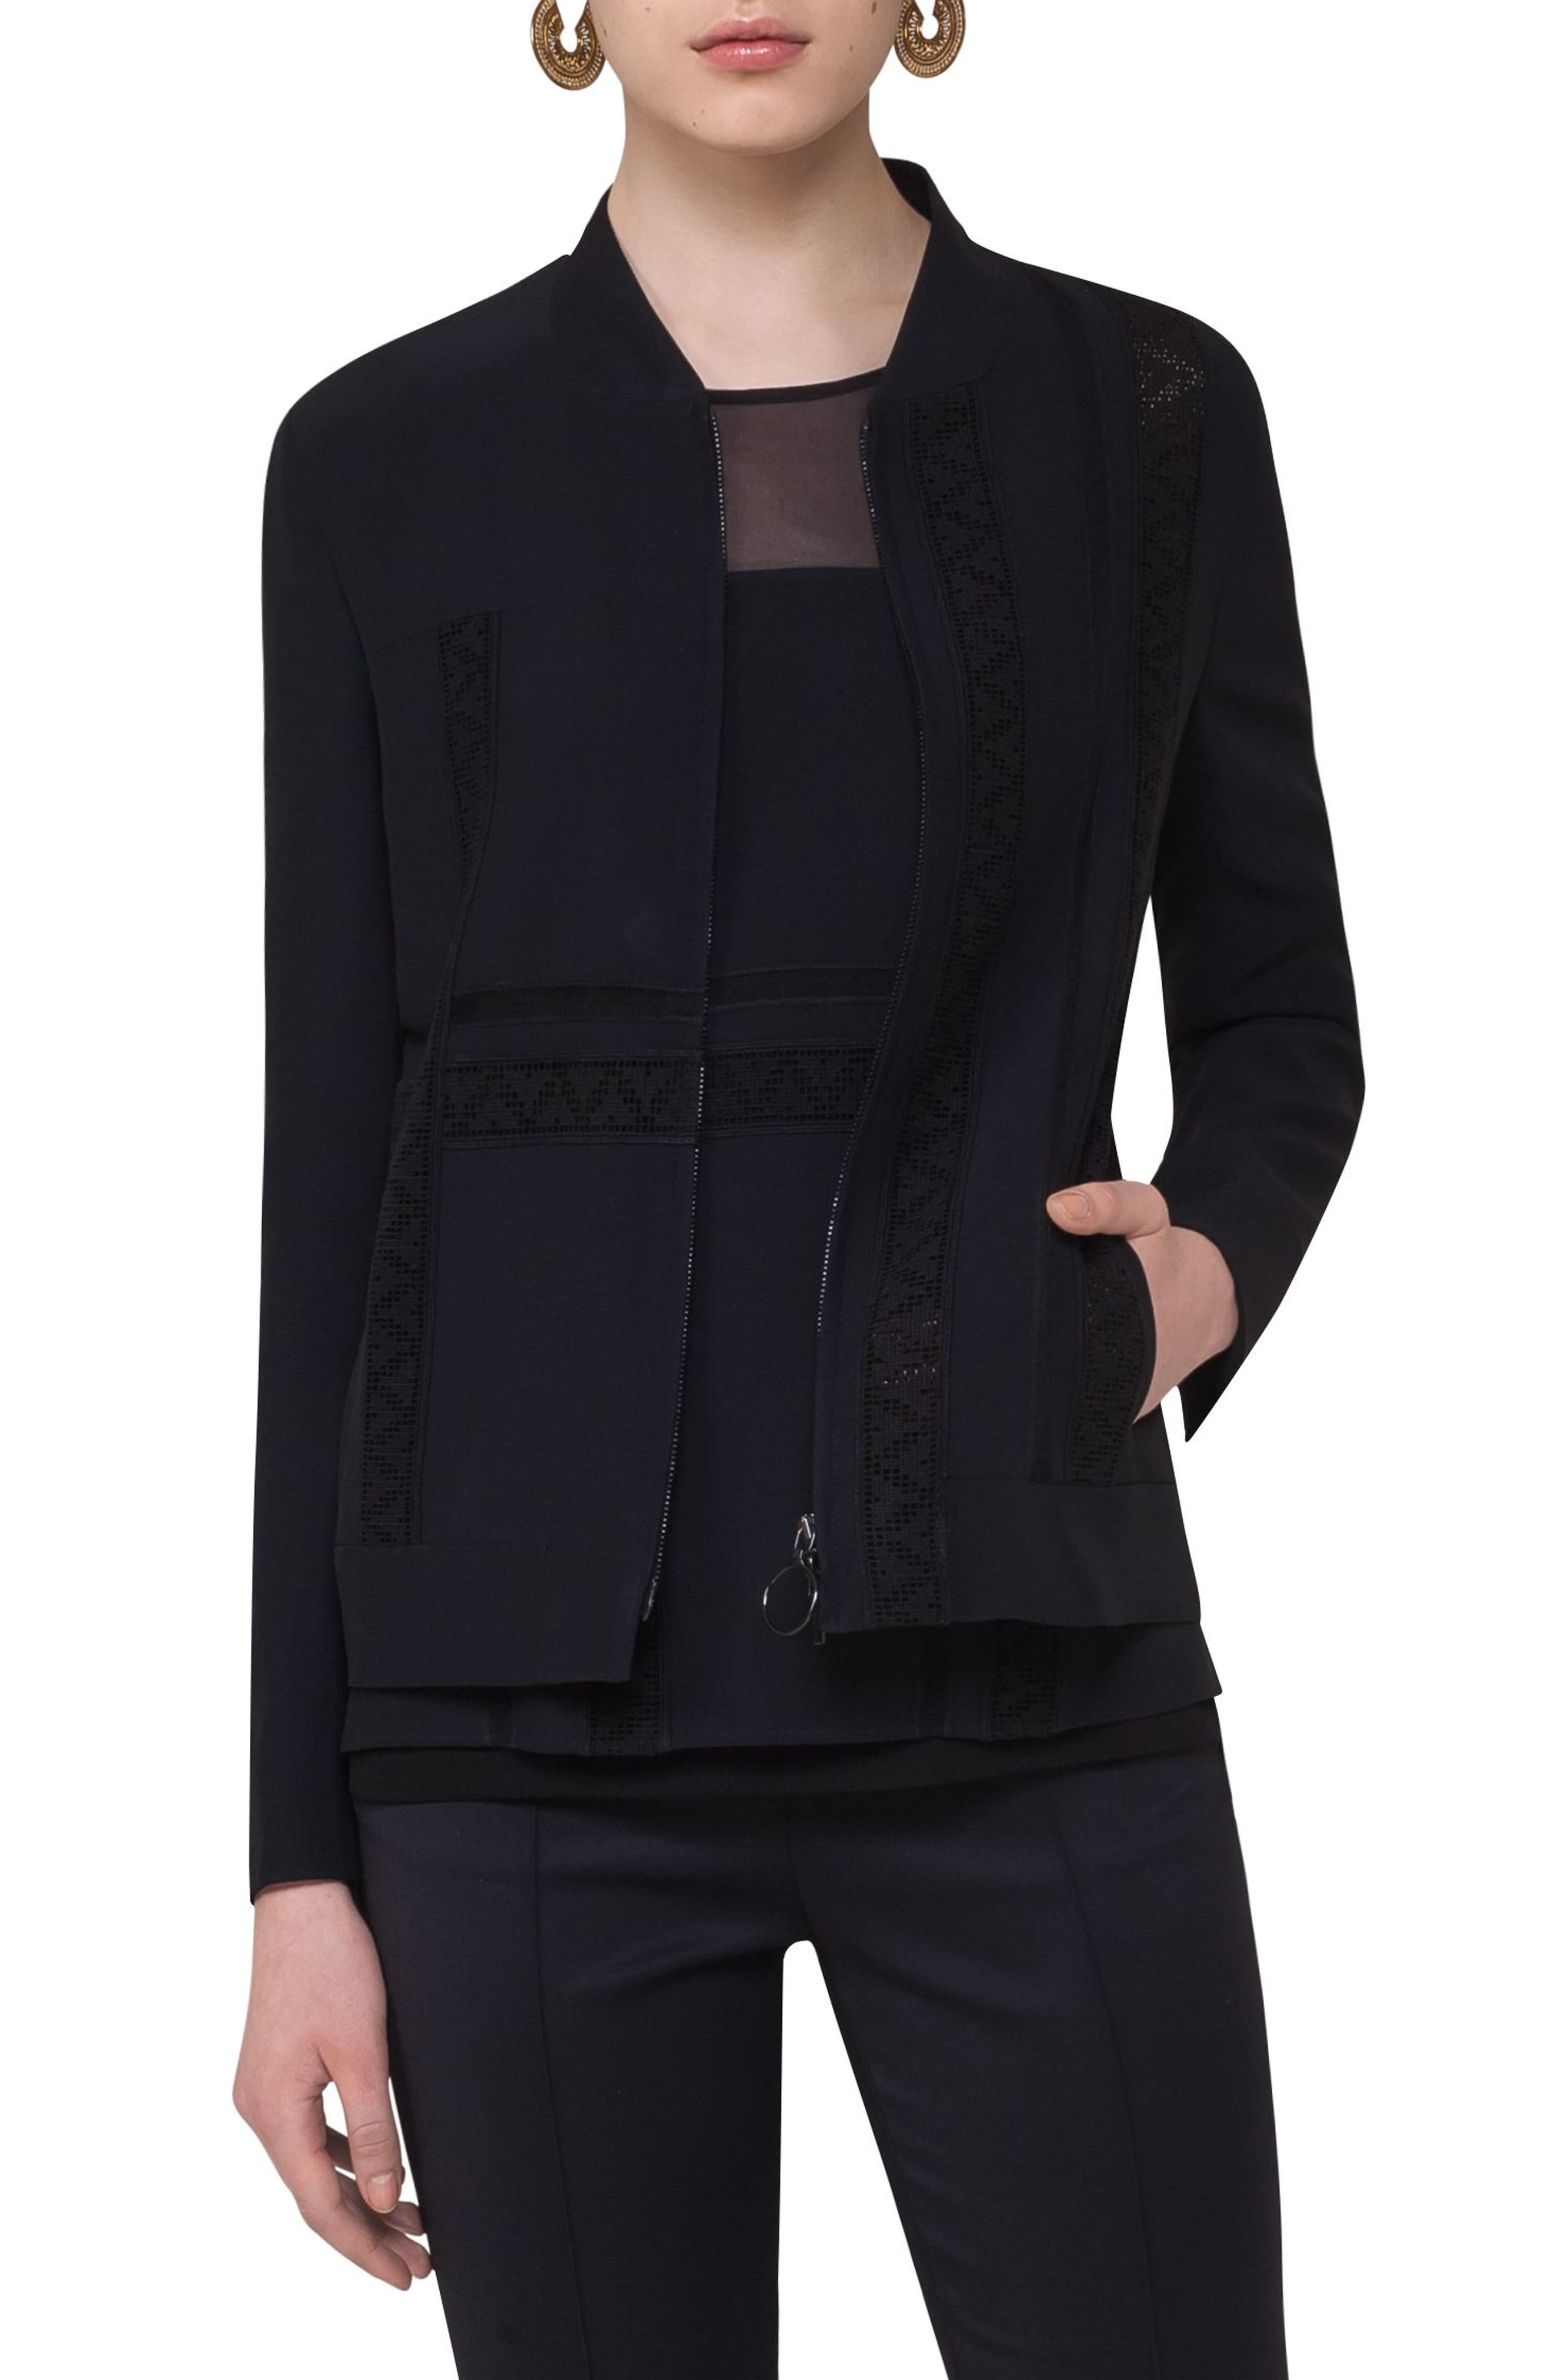 Alternate Image 1 Selected - Akris punto Lace Embellished Zip Jacket